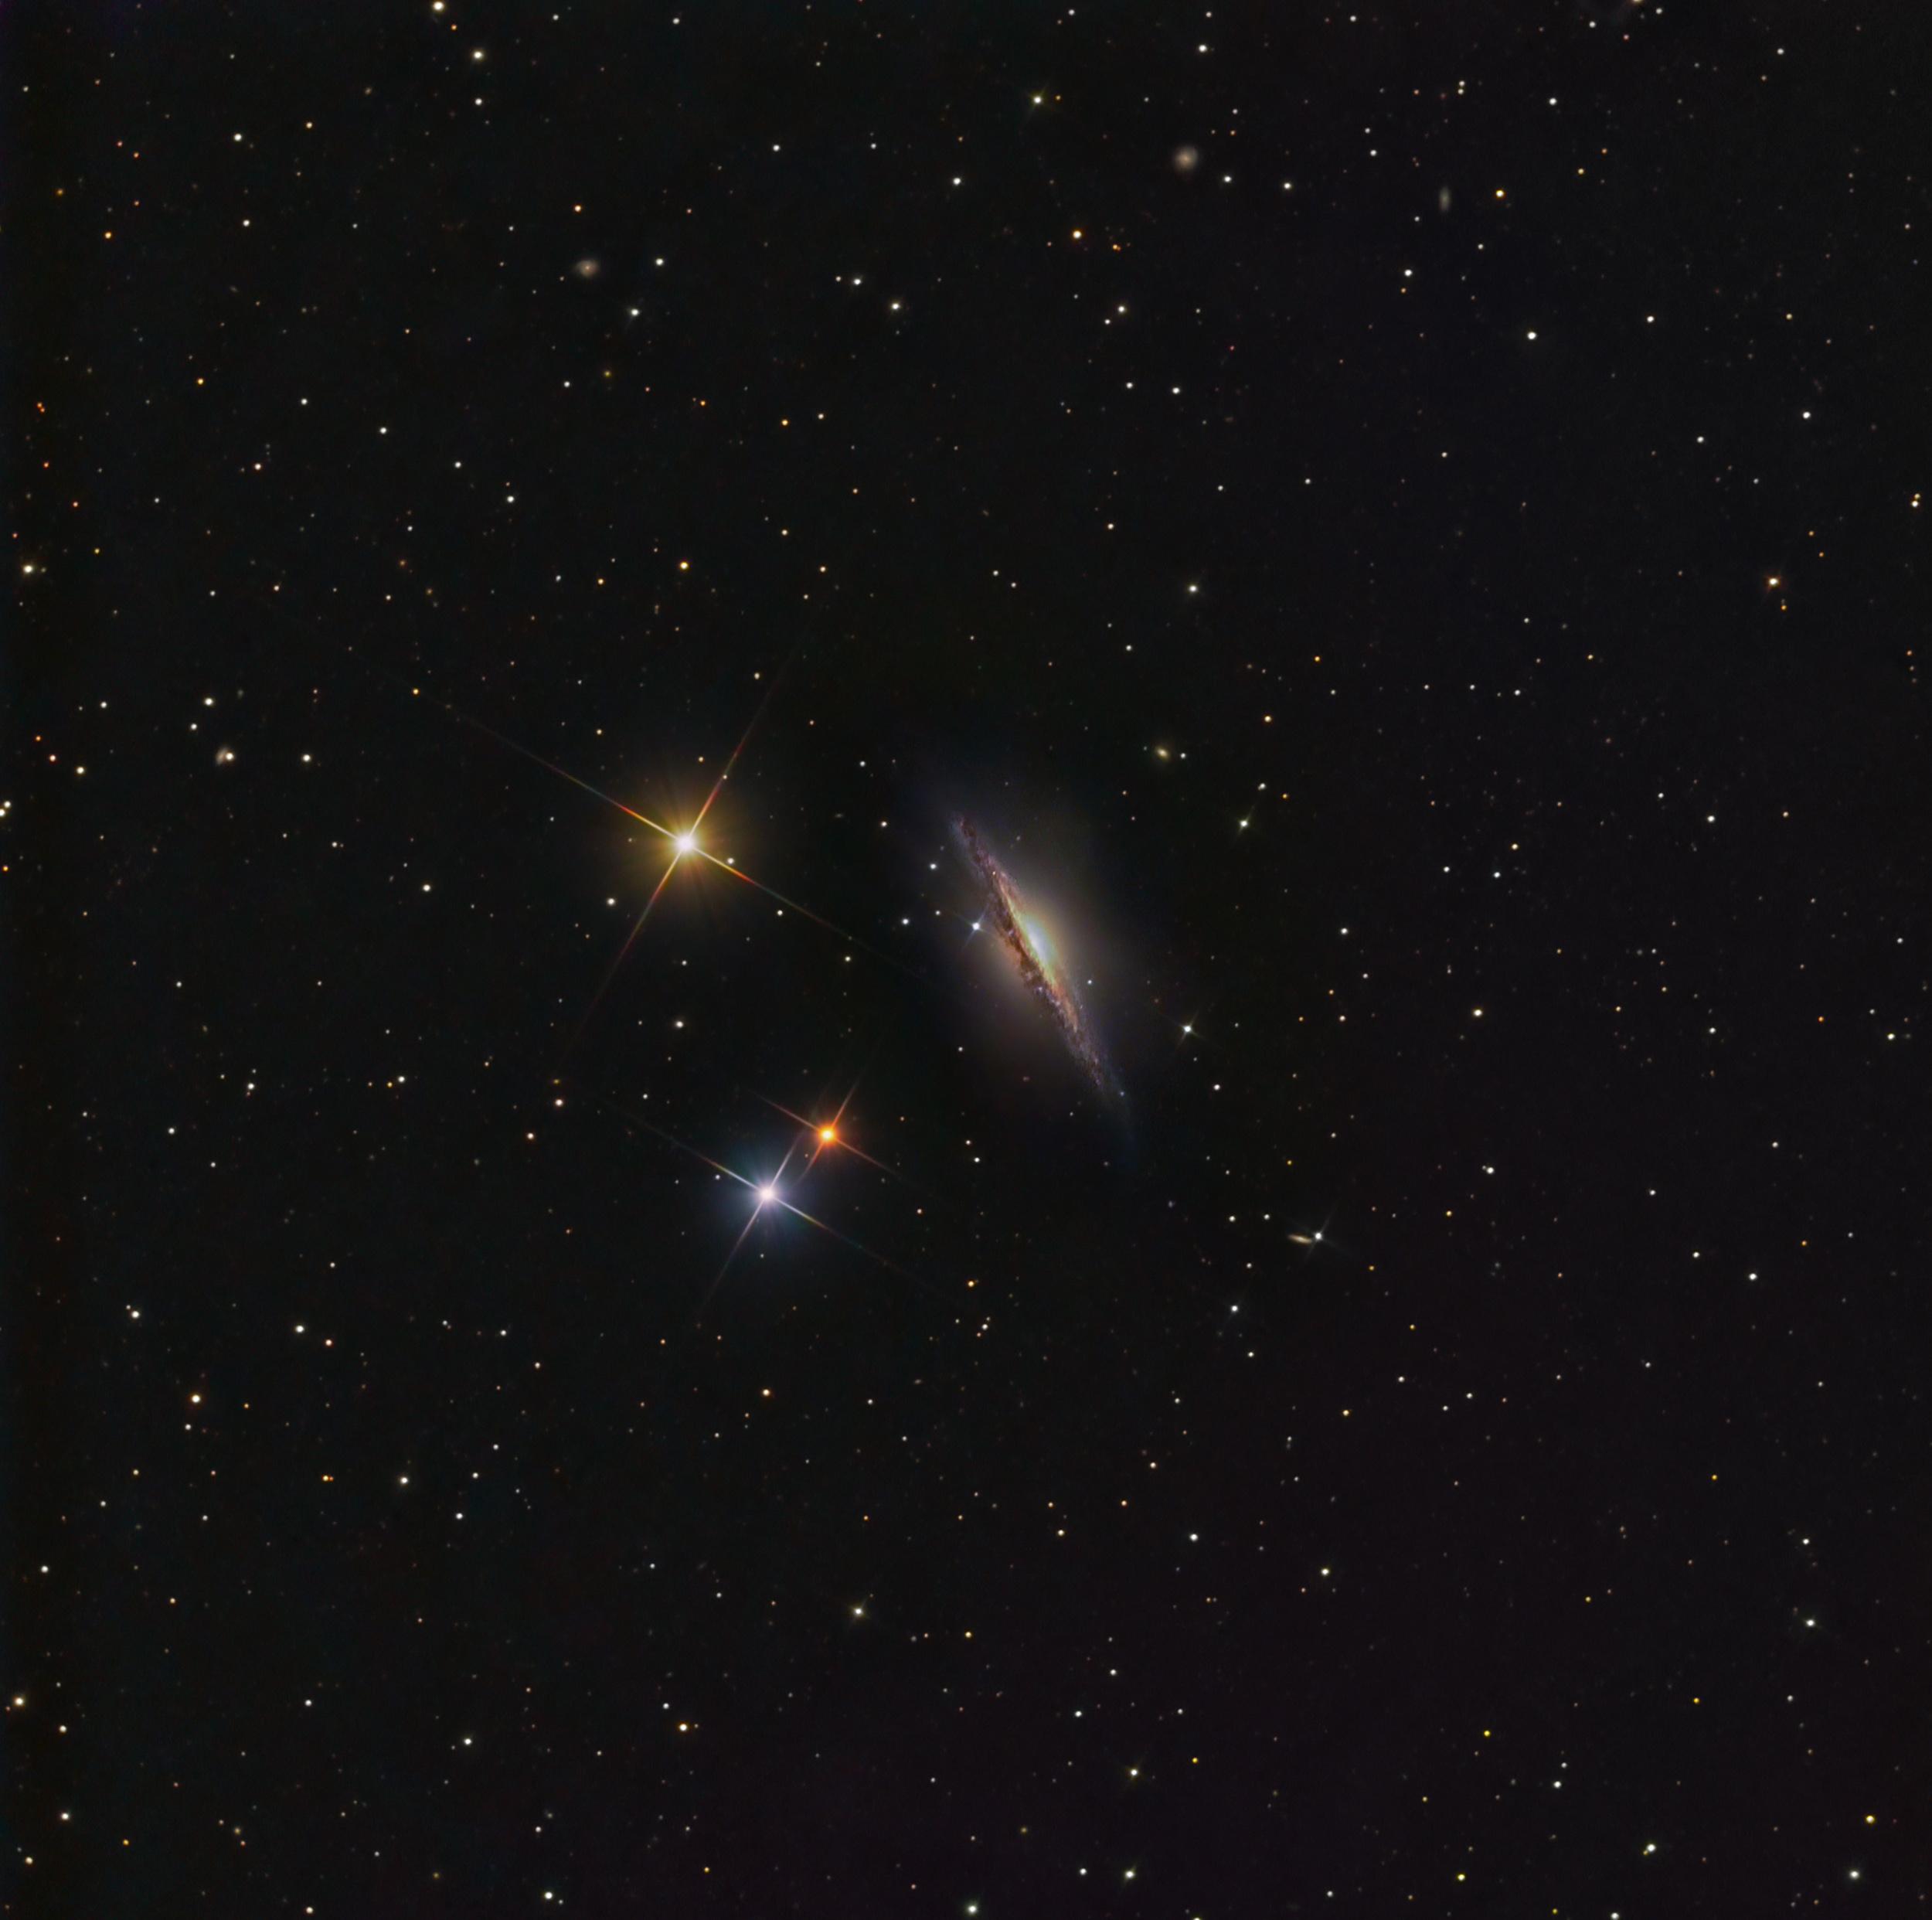 NGC 1055